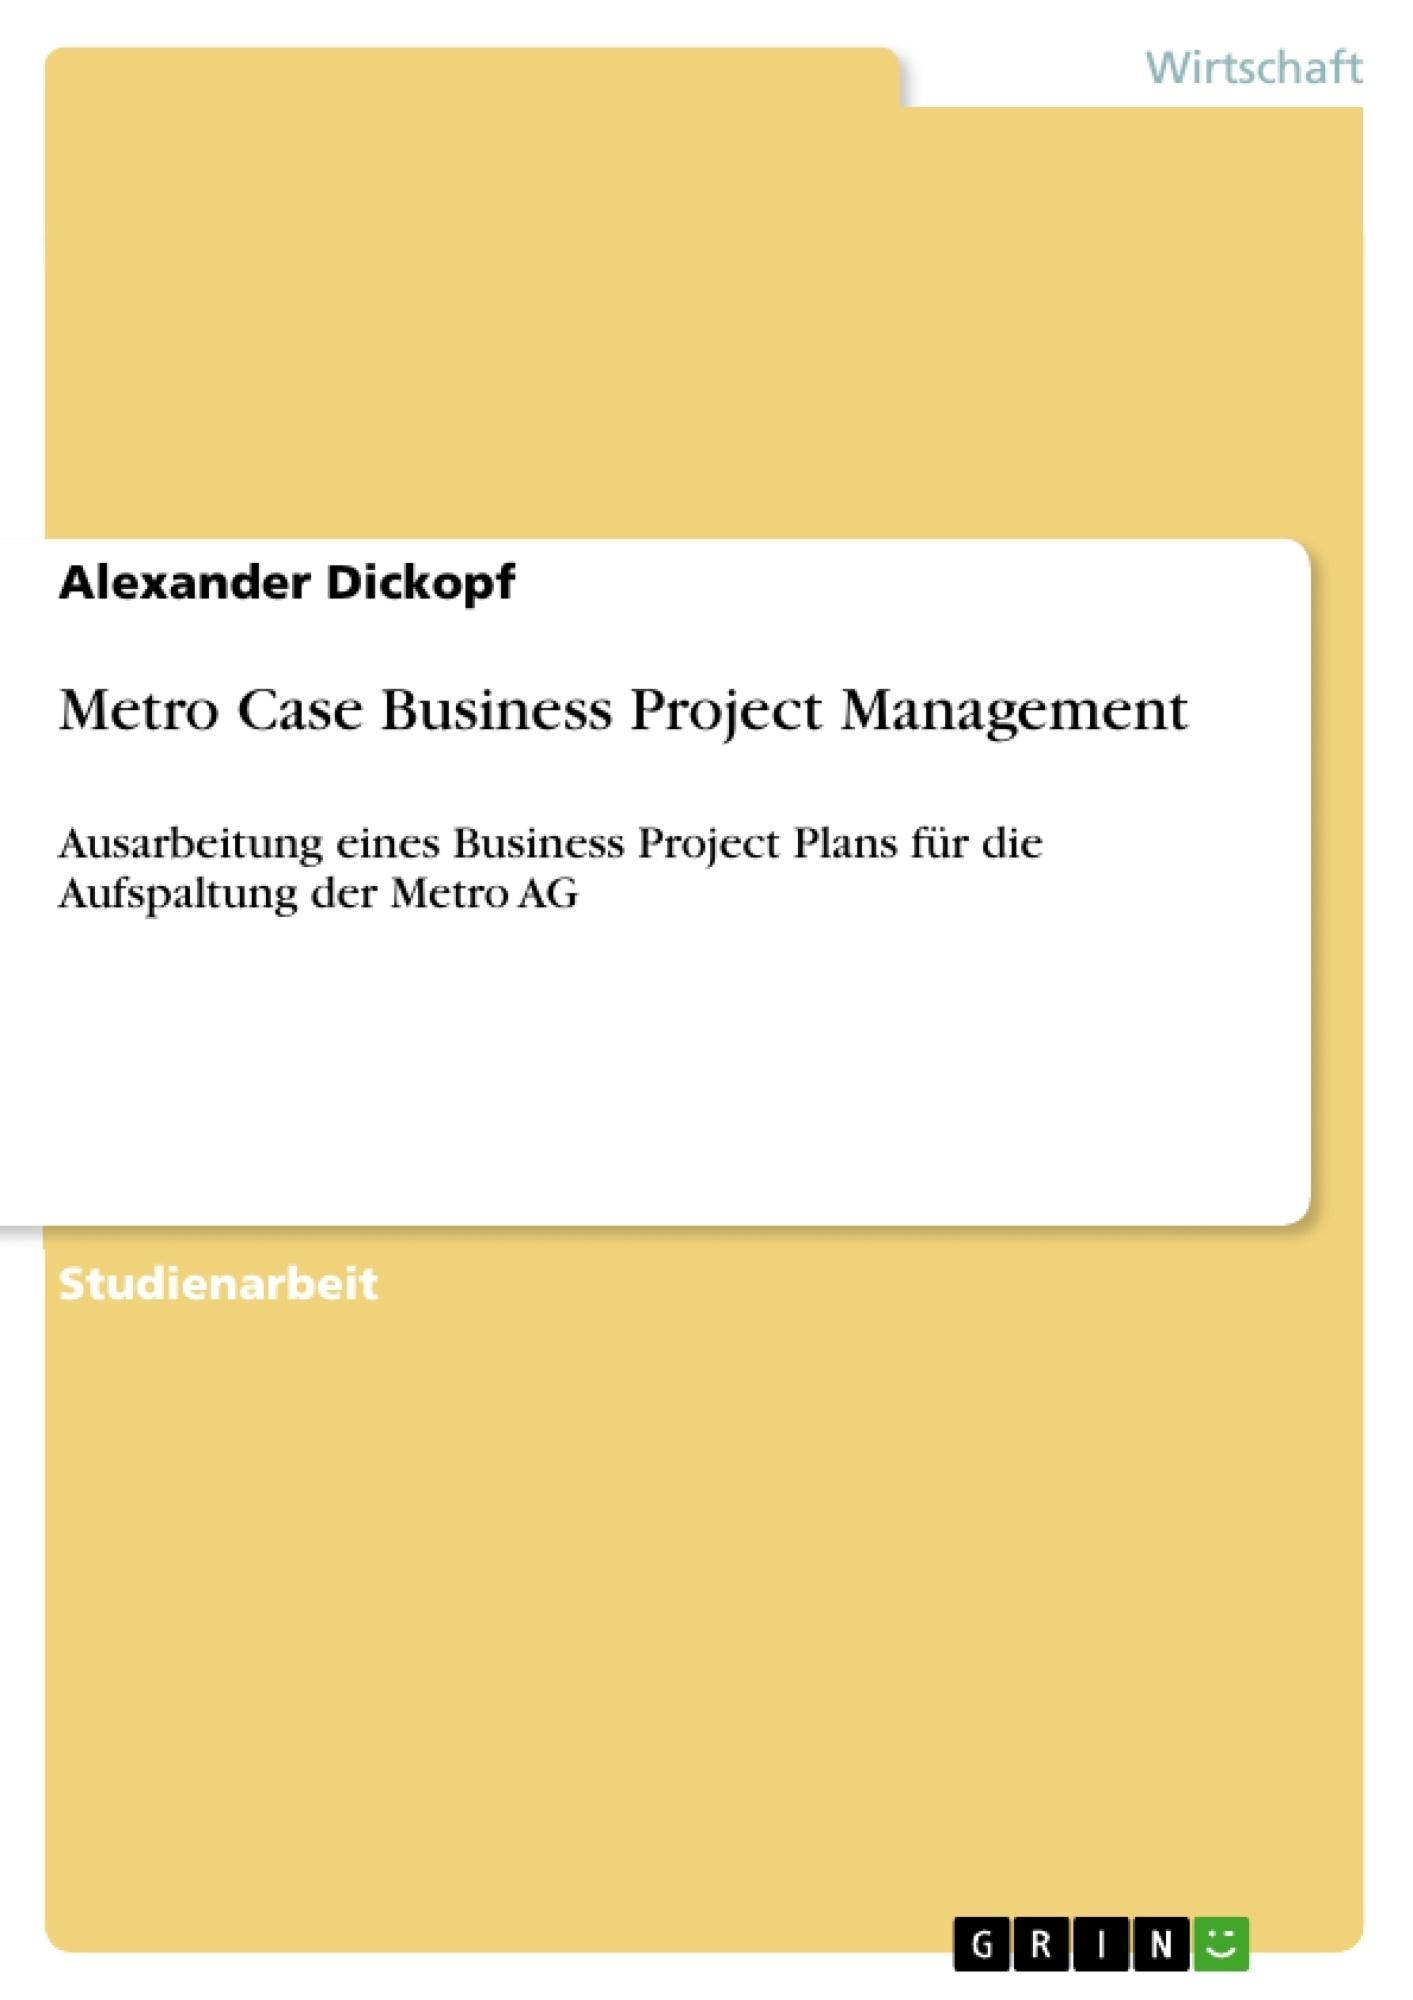 Titel: Metro Case Business Project Management